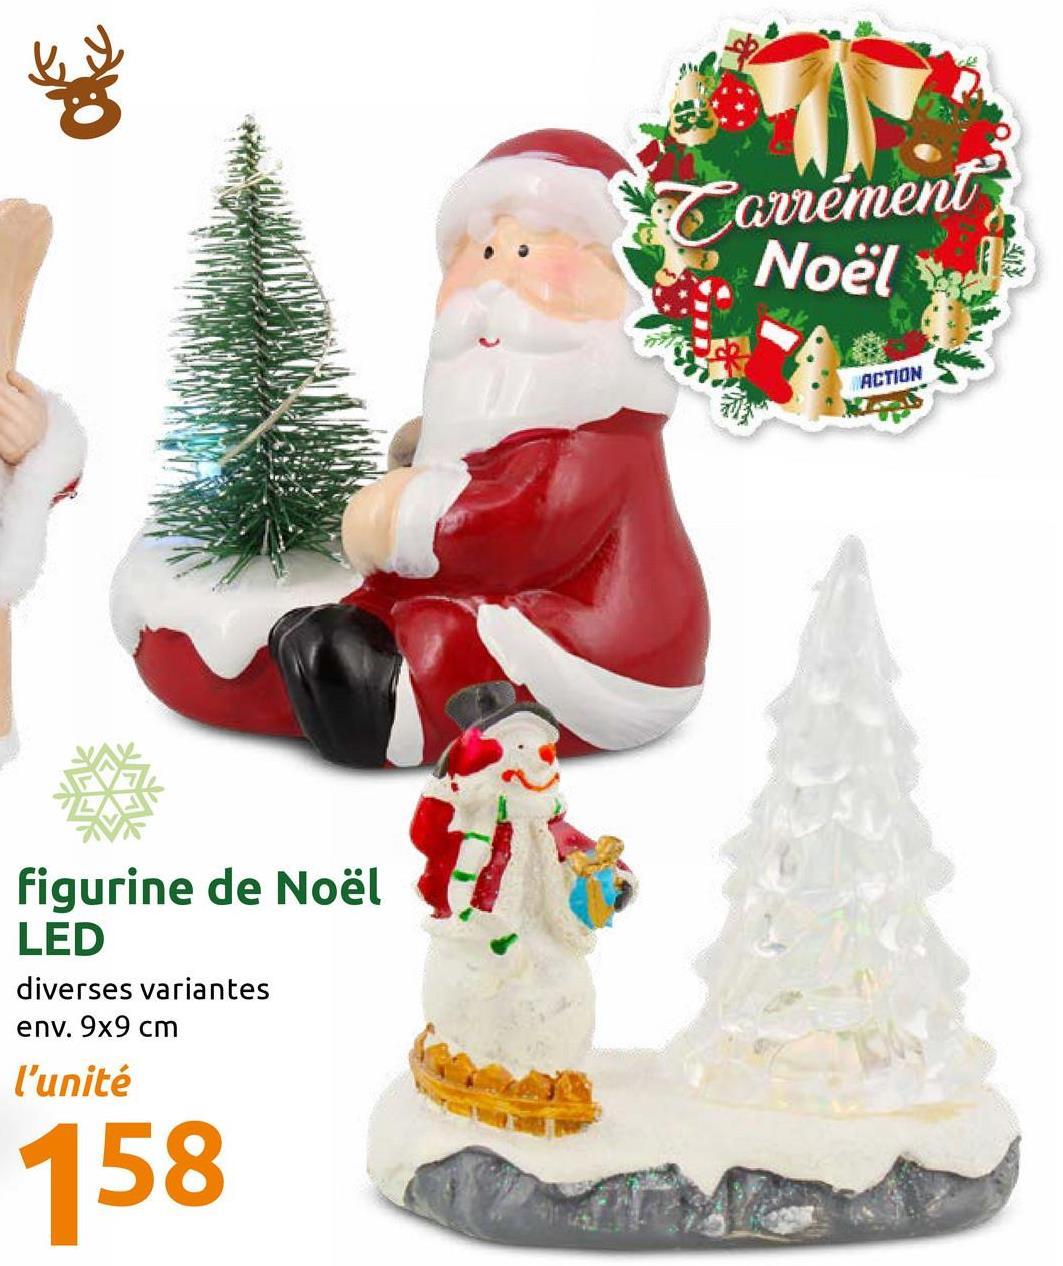 Tarrément Noël ACTION figurine de Noël LED diverses variantes env. 9x9 cm l'unité 158